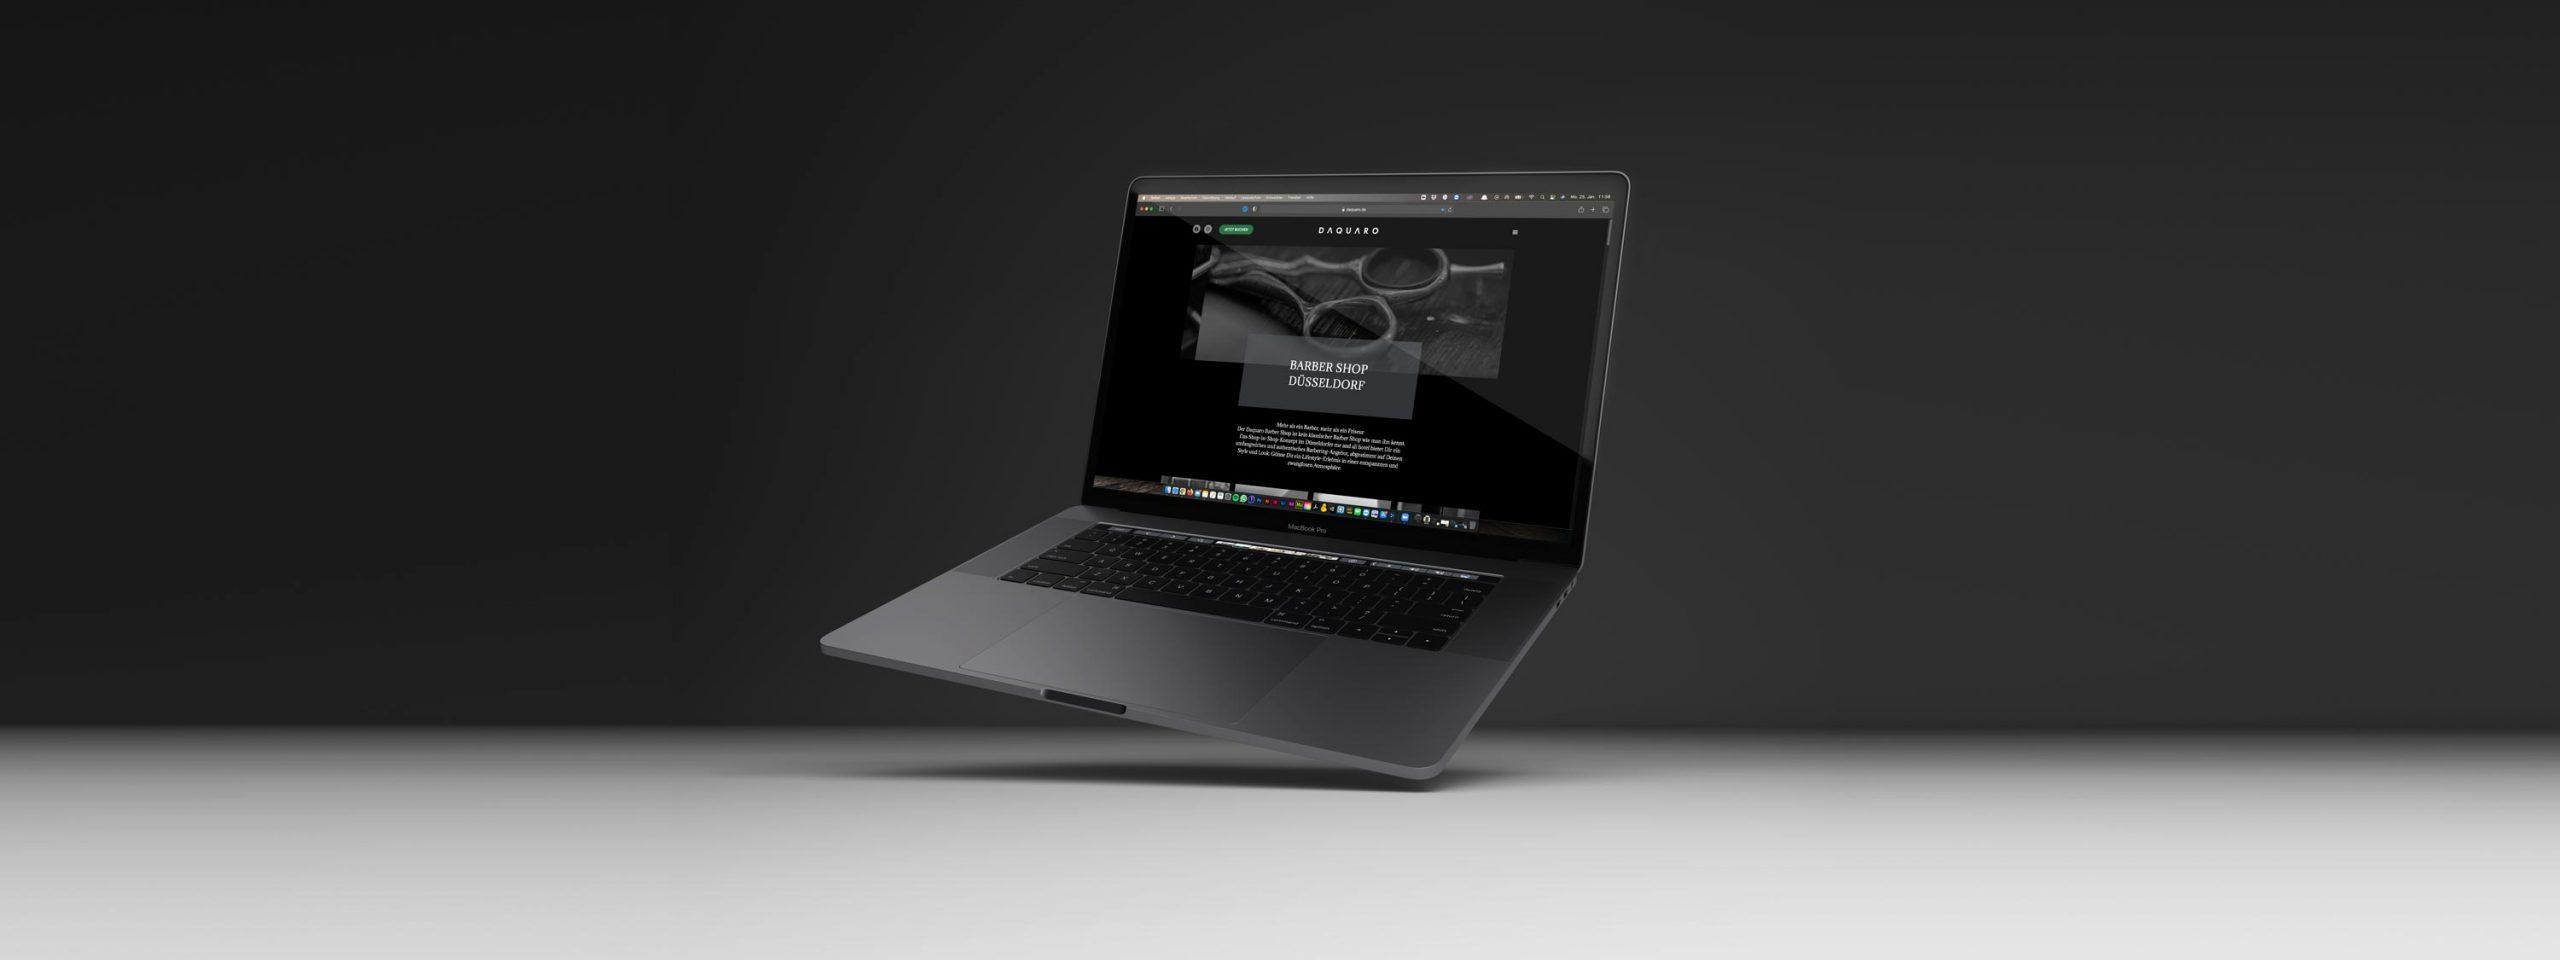 Daquaro-Laptop-Mockup